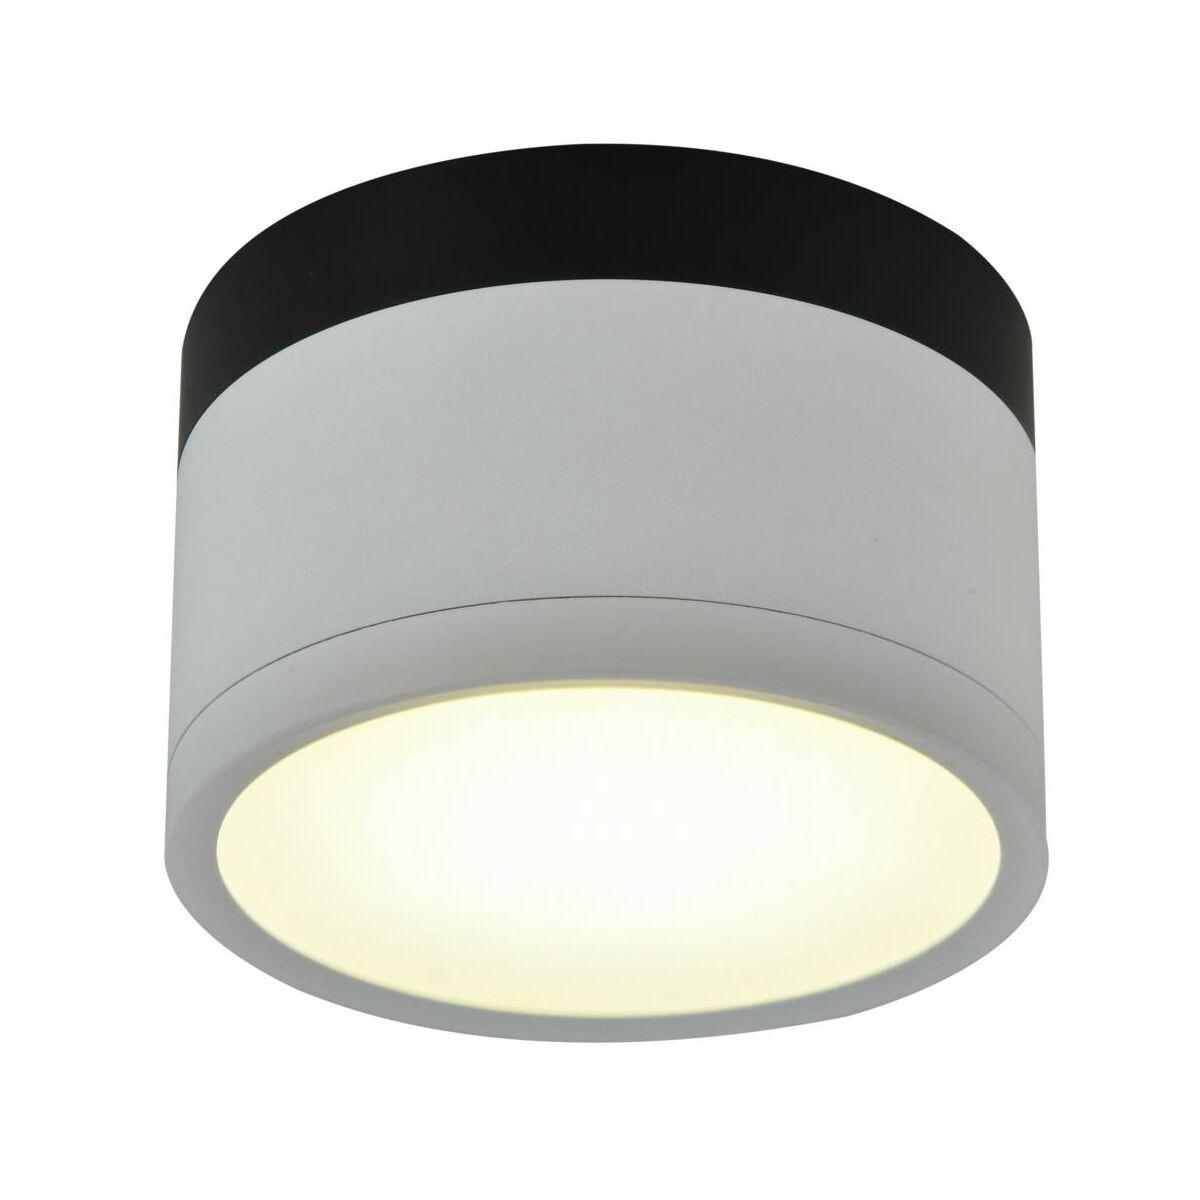 Oprawa natynkowa TUBA IP20 śr. 8.8 cm biało czarna LED CANDELLUX